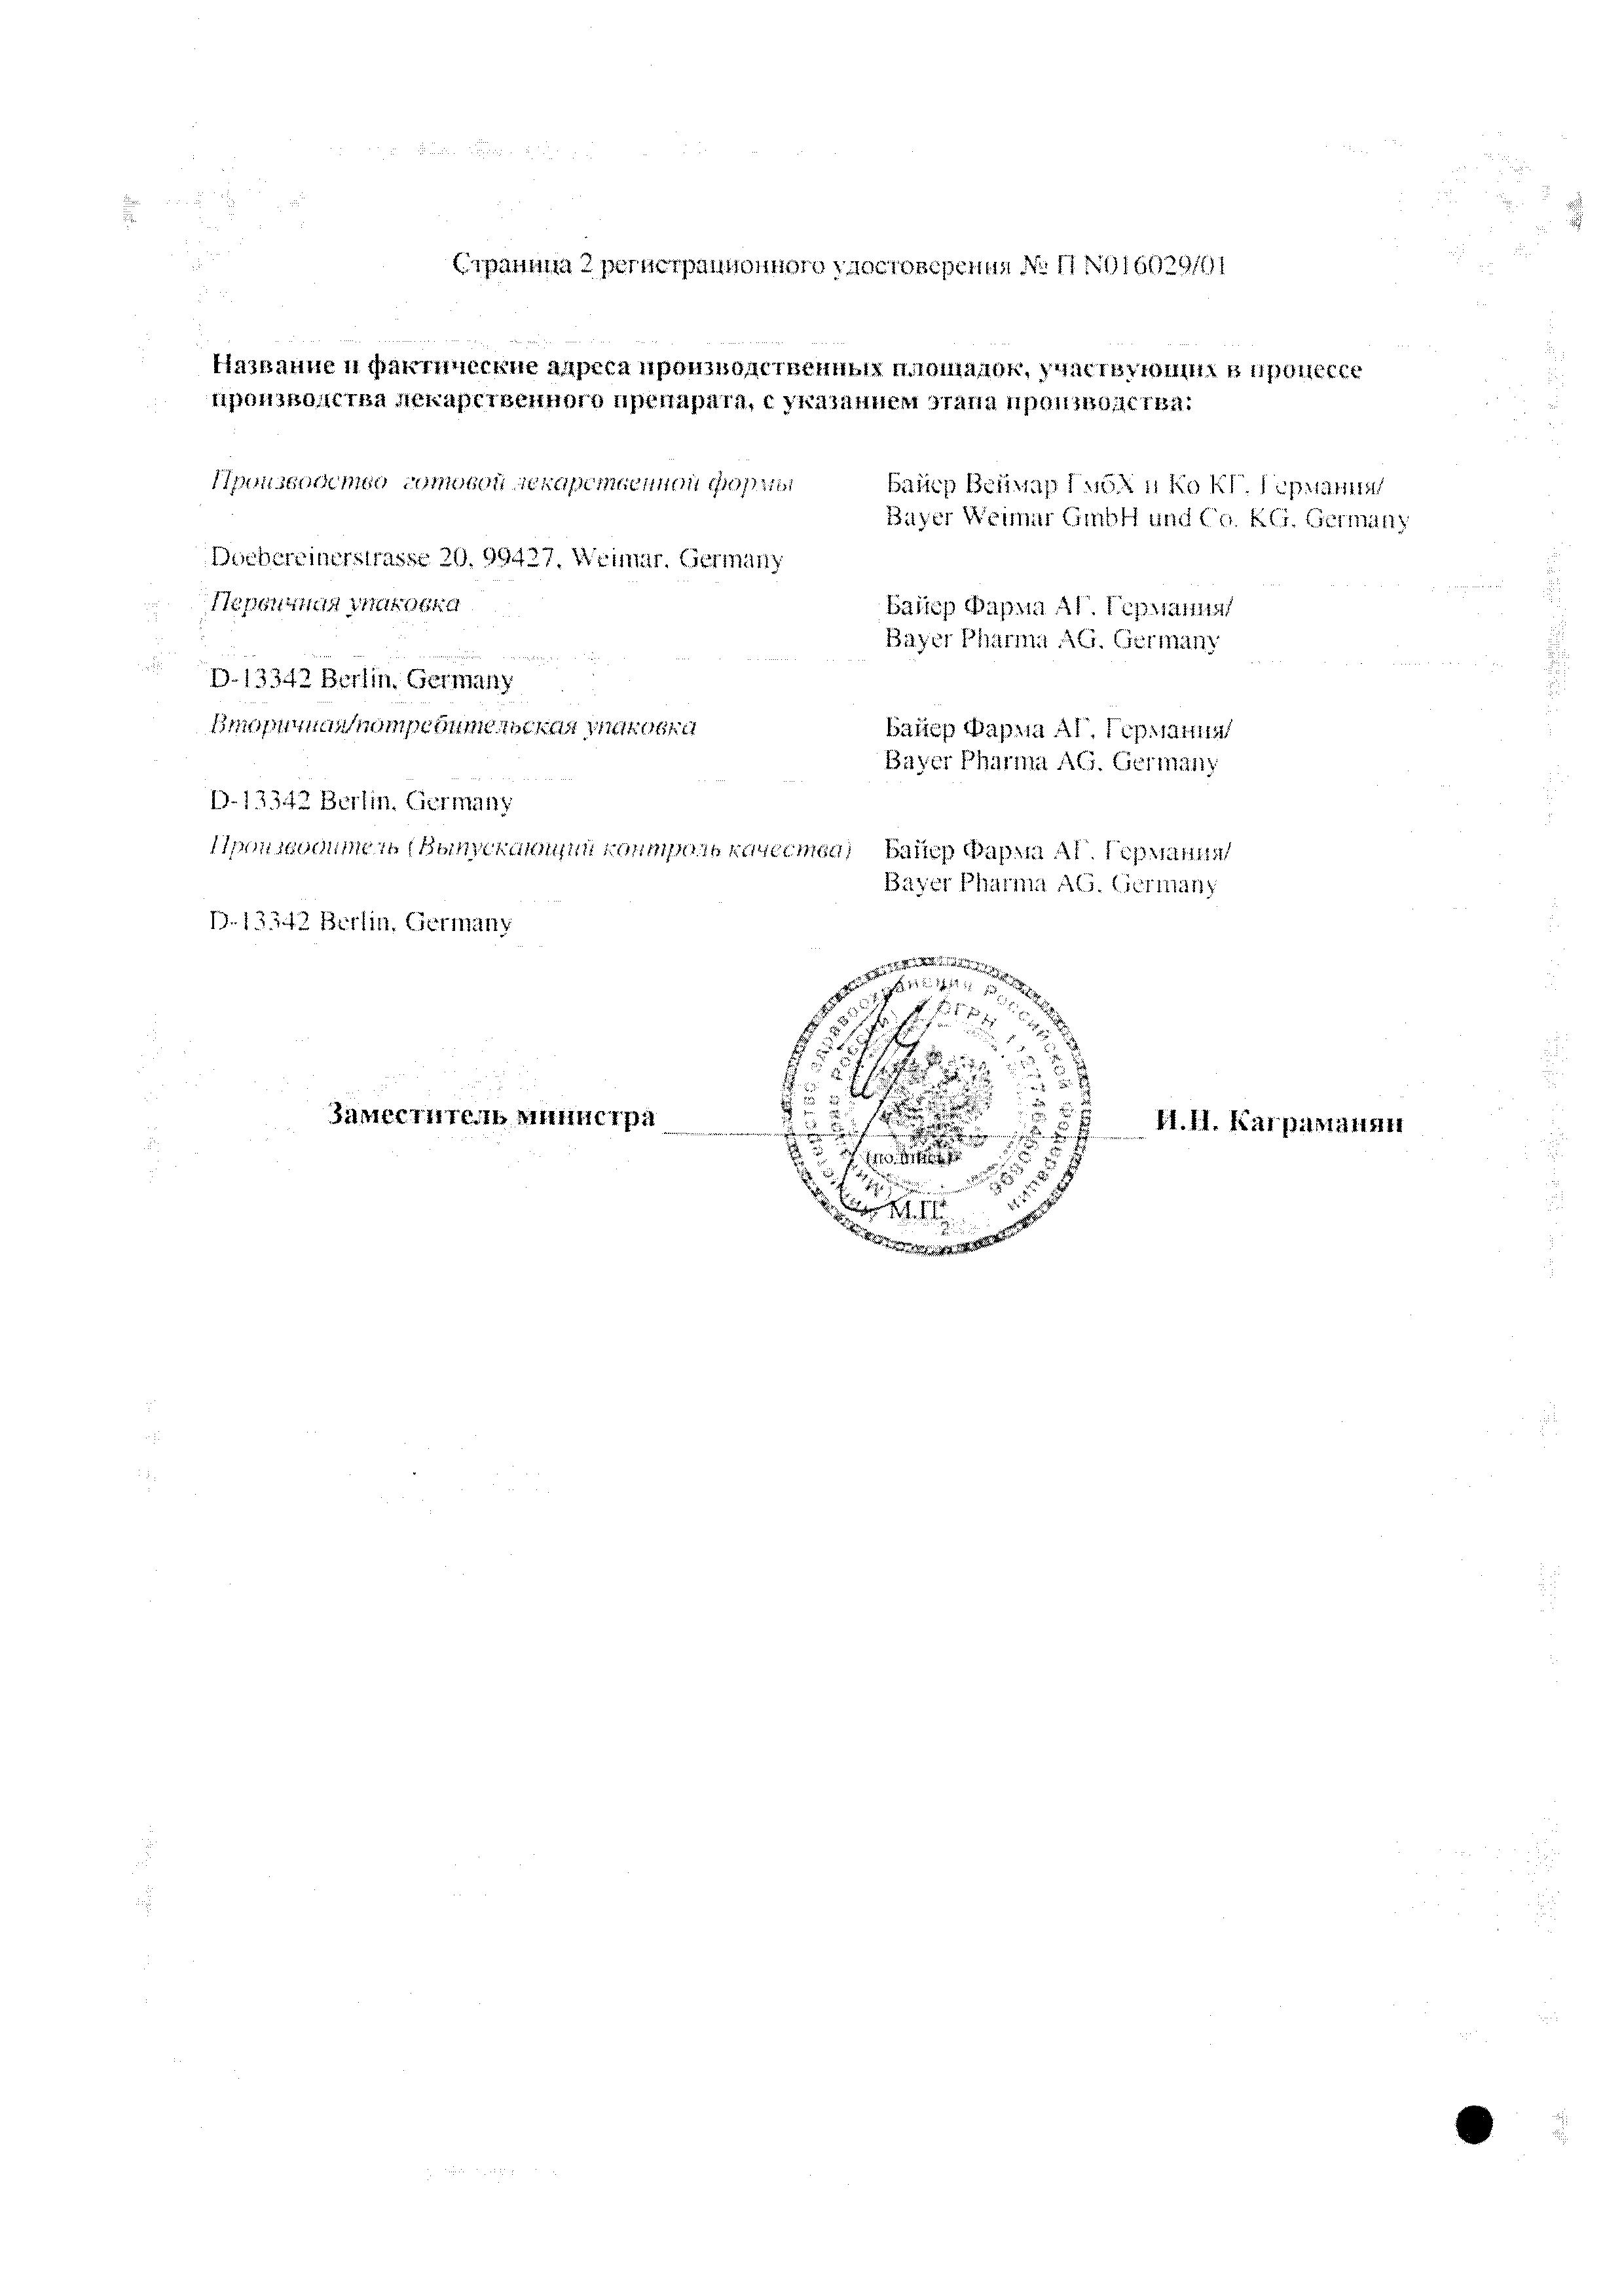 Анжелик сертификат